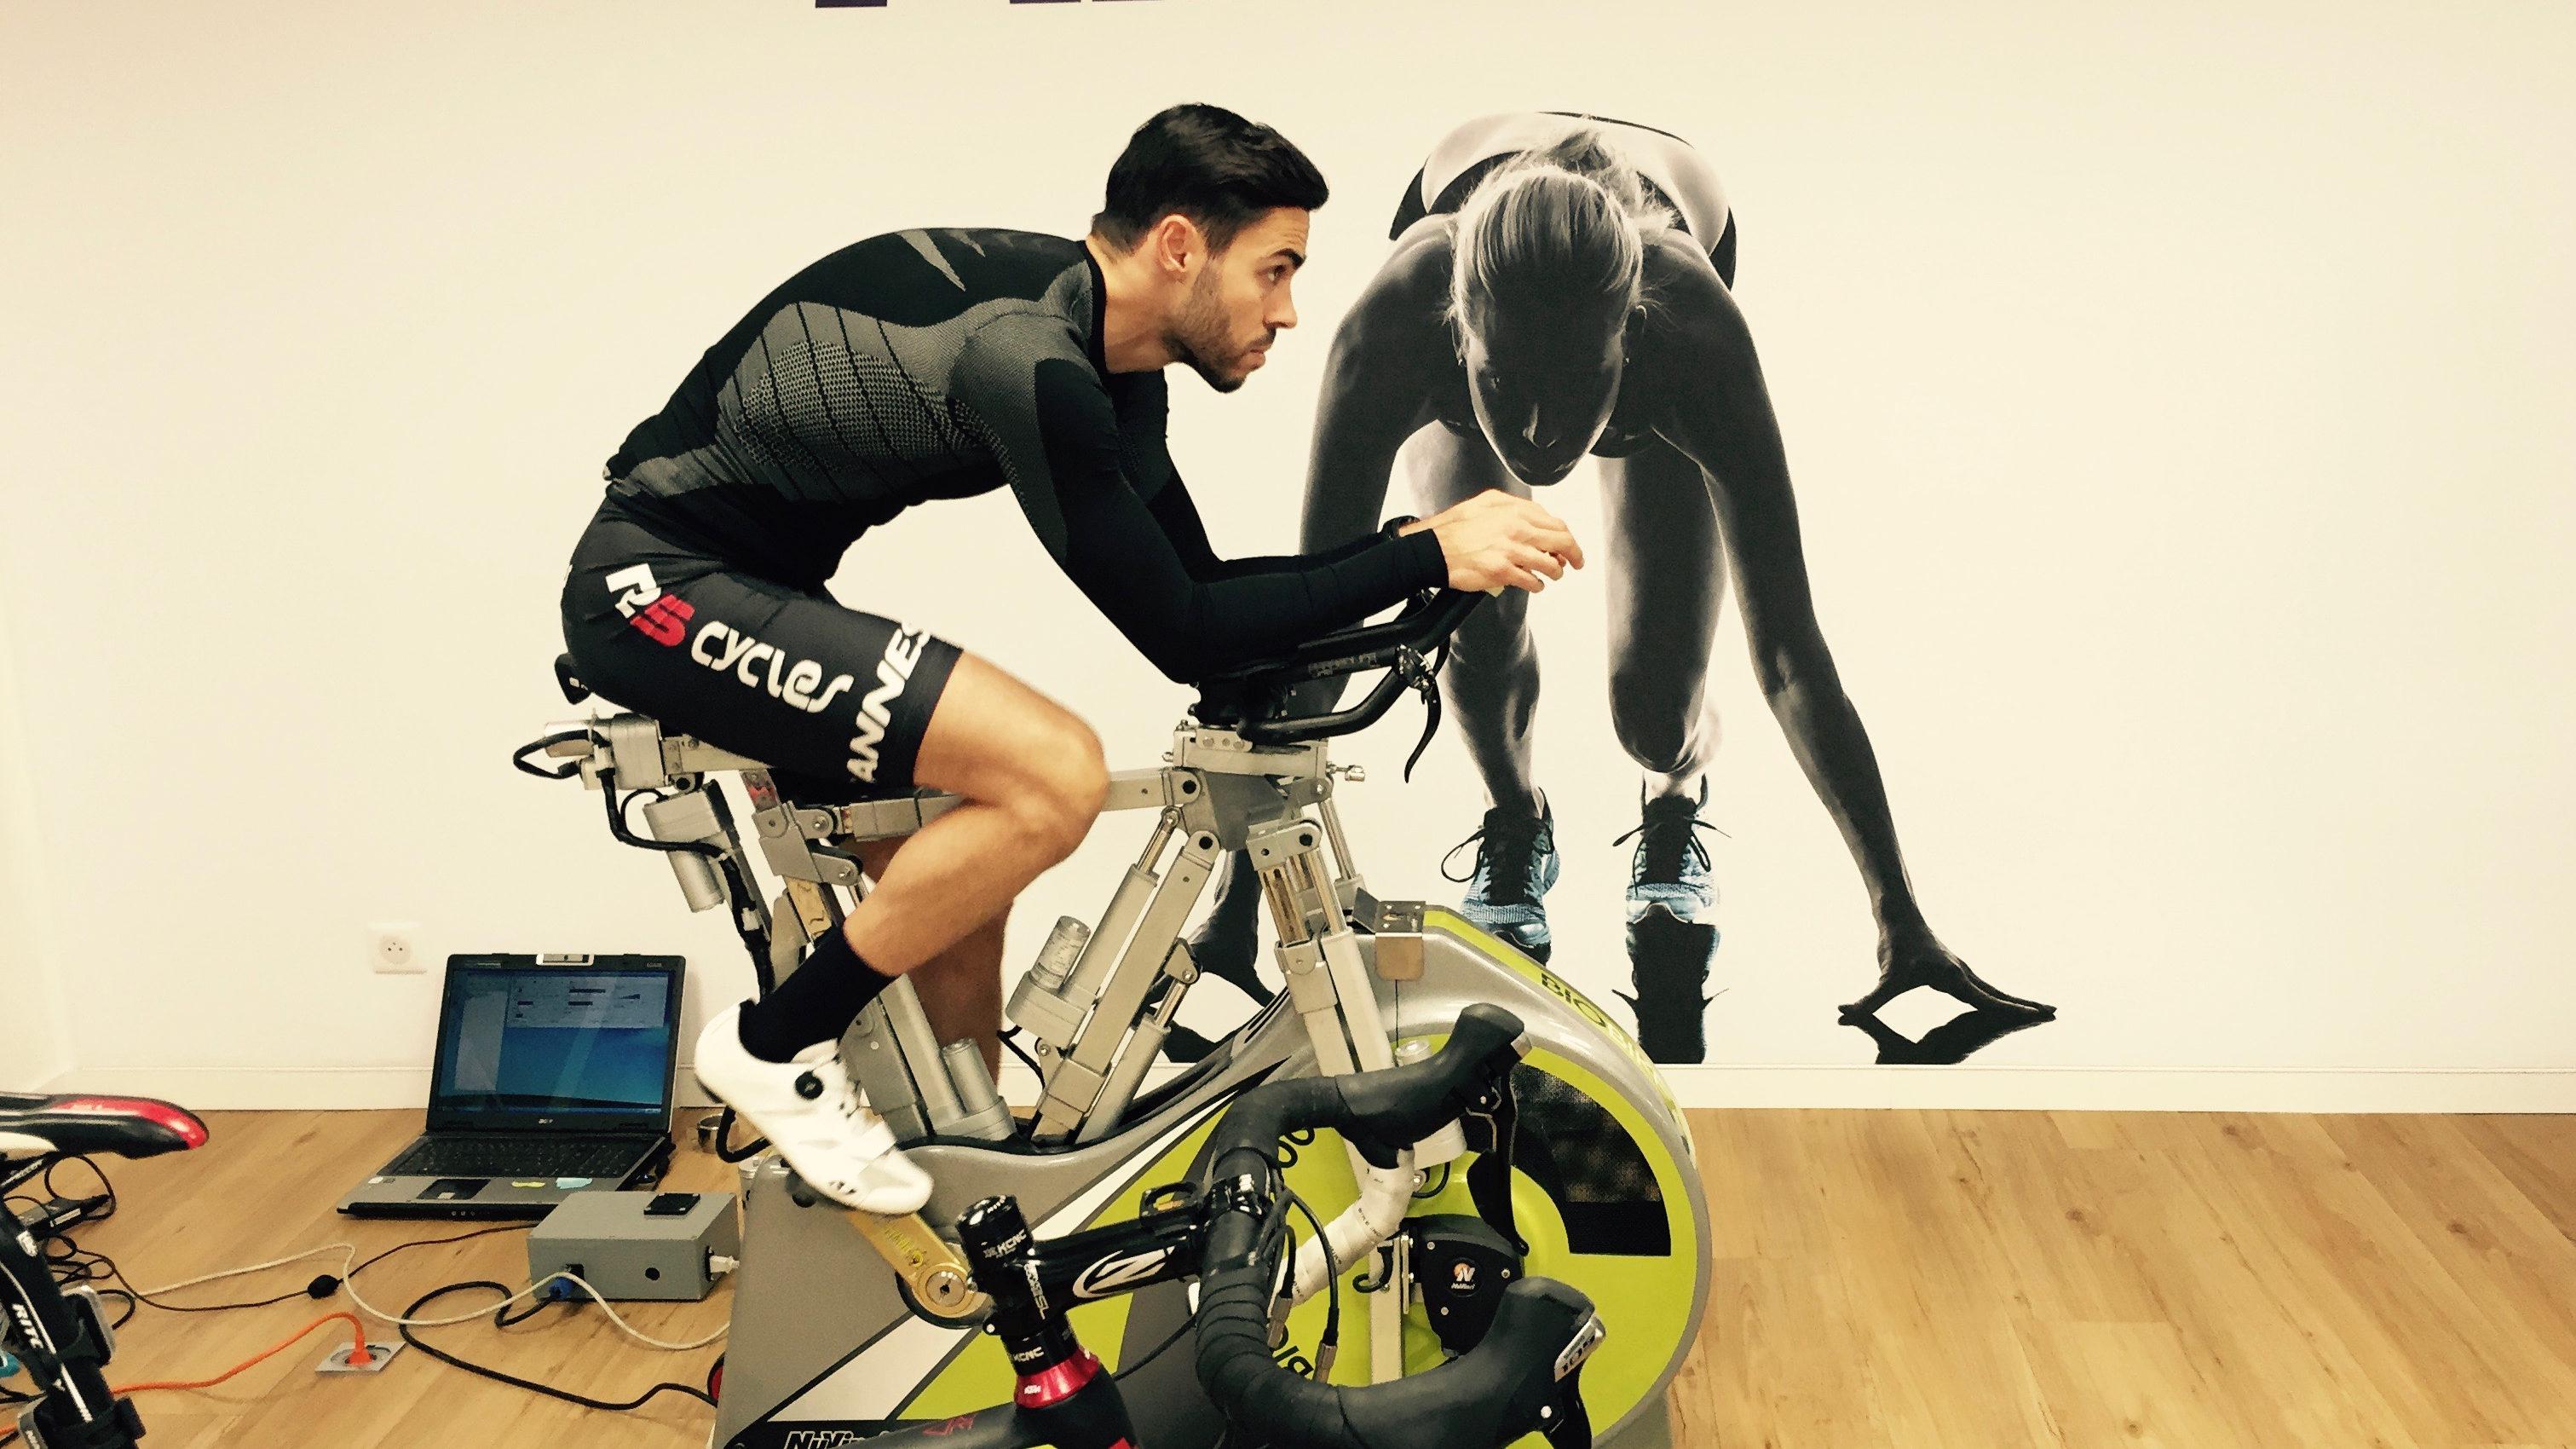 Etude Posturale Bikefit positionnement vélo confort soulager douleurs